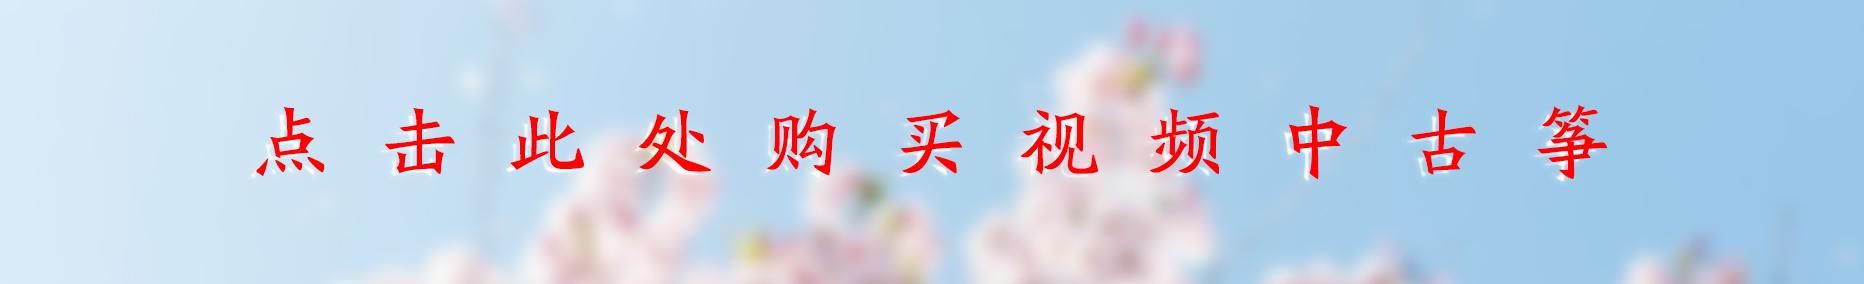 古筝调音教程-敦煌古筝